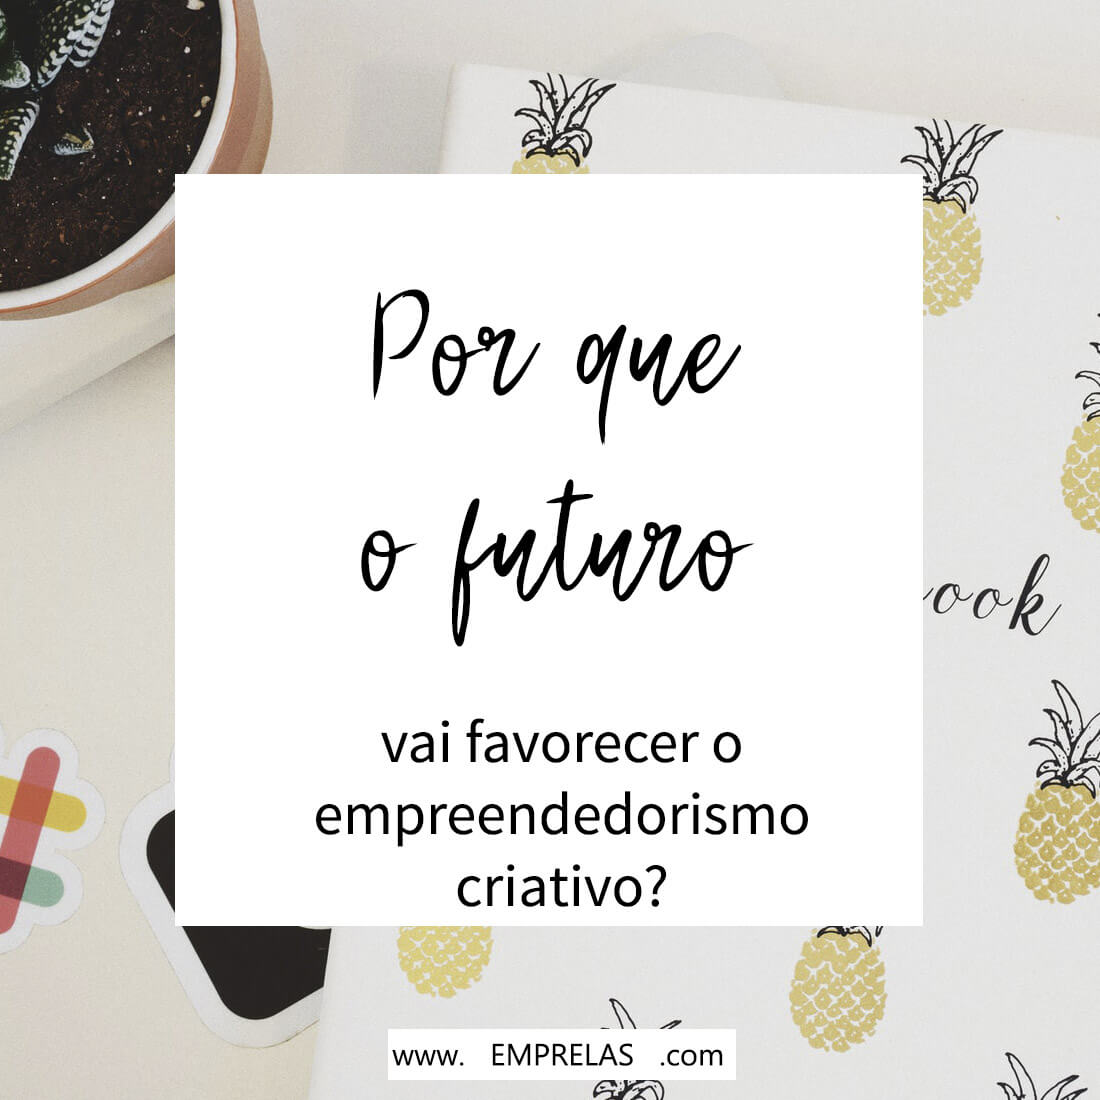 empreendedorismo-criativo